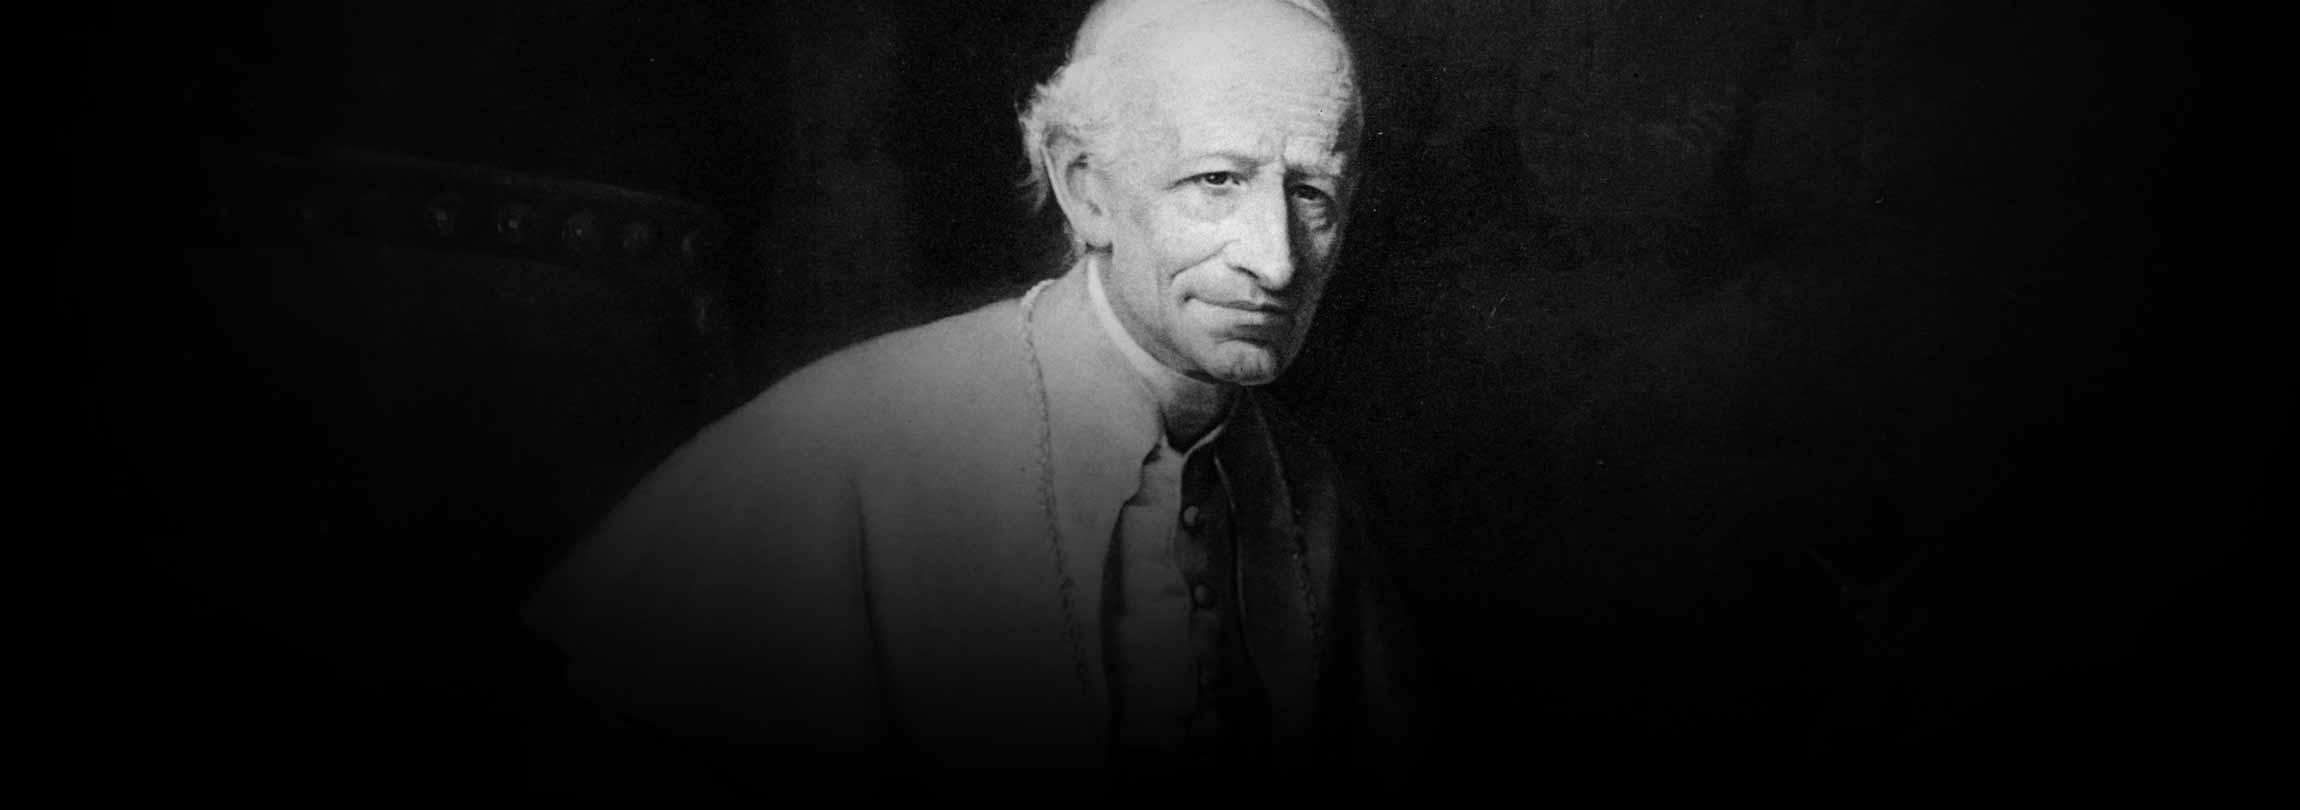 Cinco encíclicas sociais que você precisa ler do Papa Leão XIII